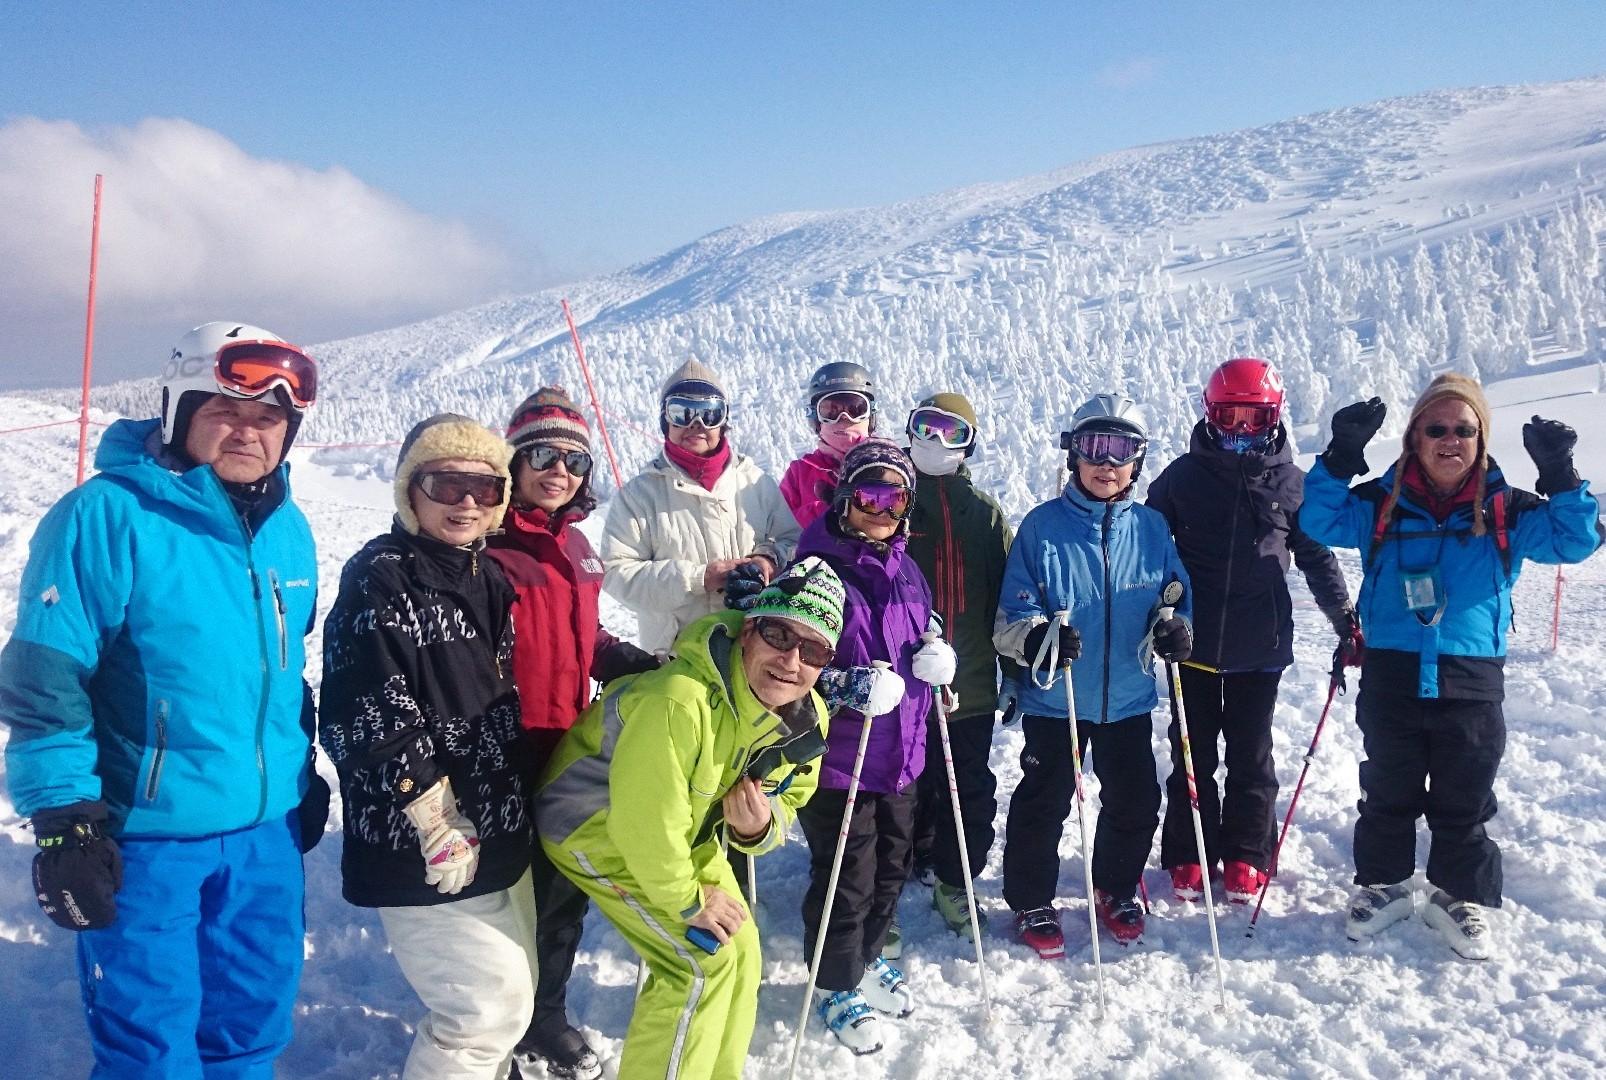 2月1日出発 岩崎元郎さんと滑ろう、樹氷を見ながら『レッツ・スキー!』 山形蔵王温泉スキー場 3日間